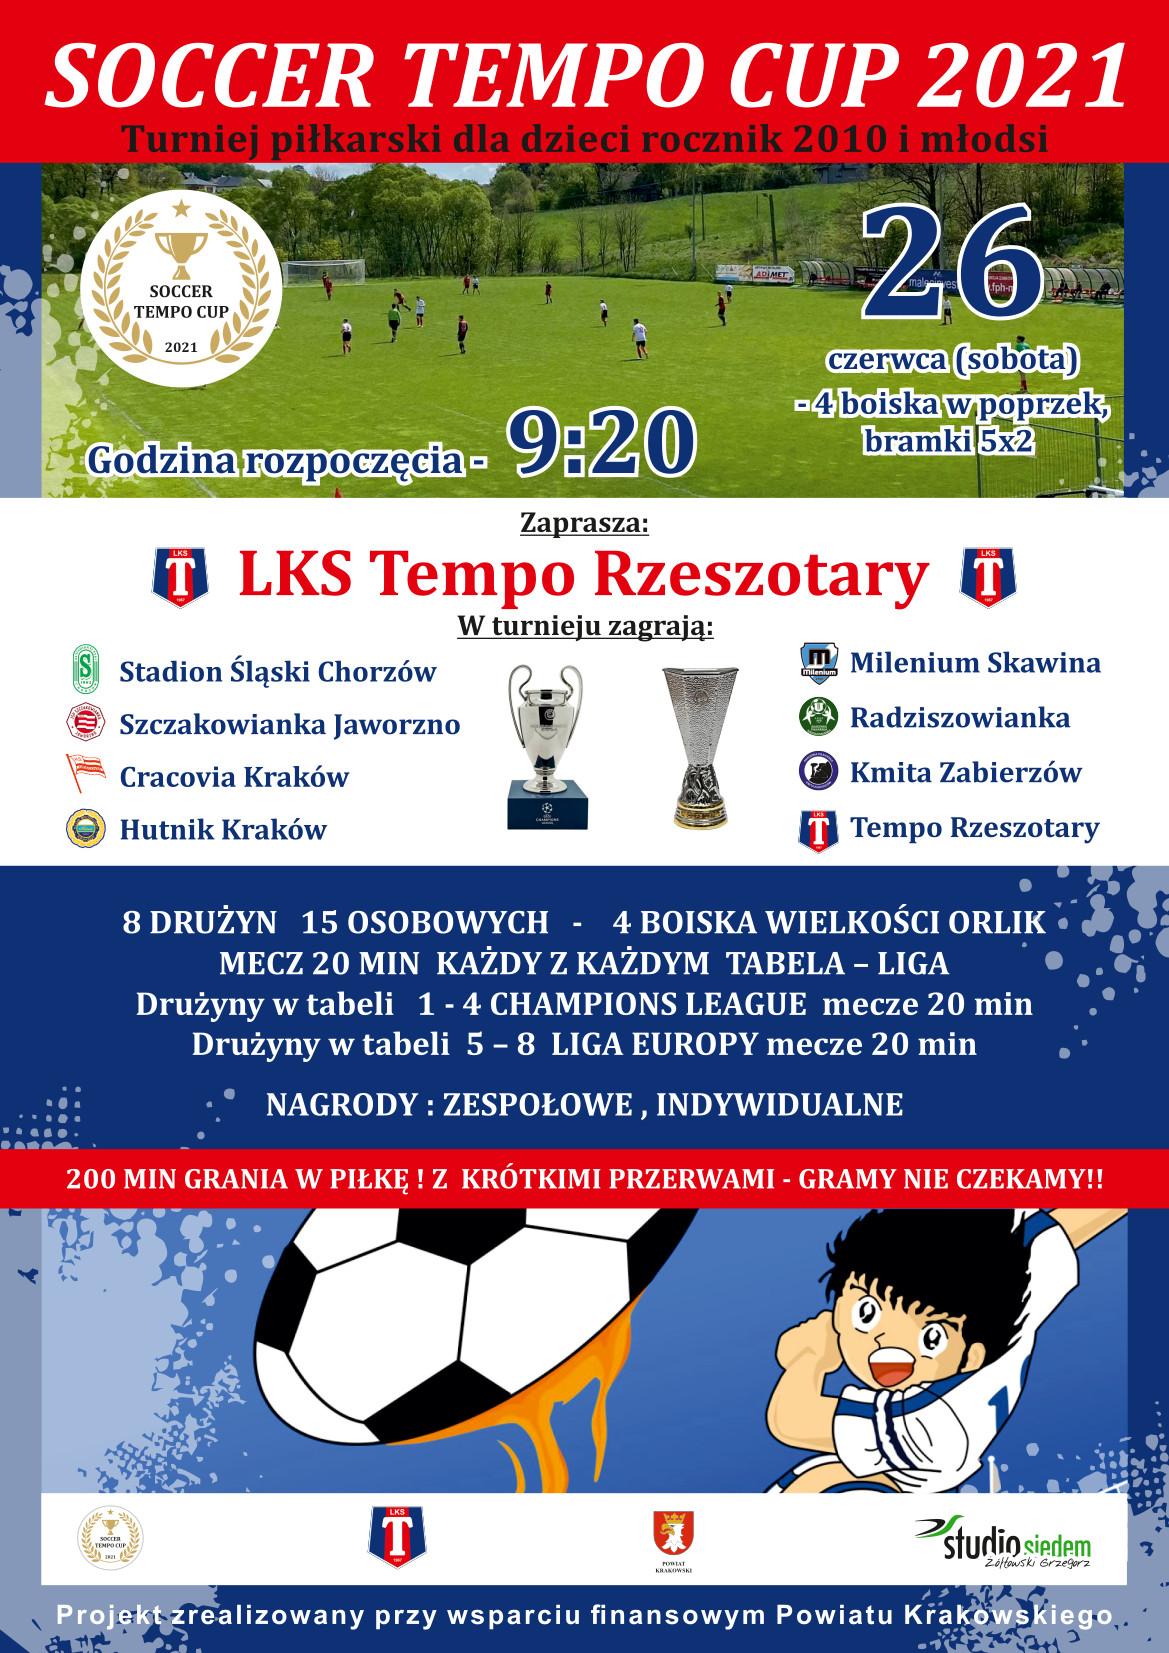 Turniej piłkarski dla dzieci SOCCER TEMPO CUP 2021